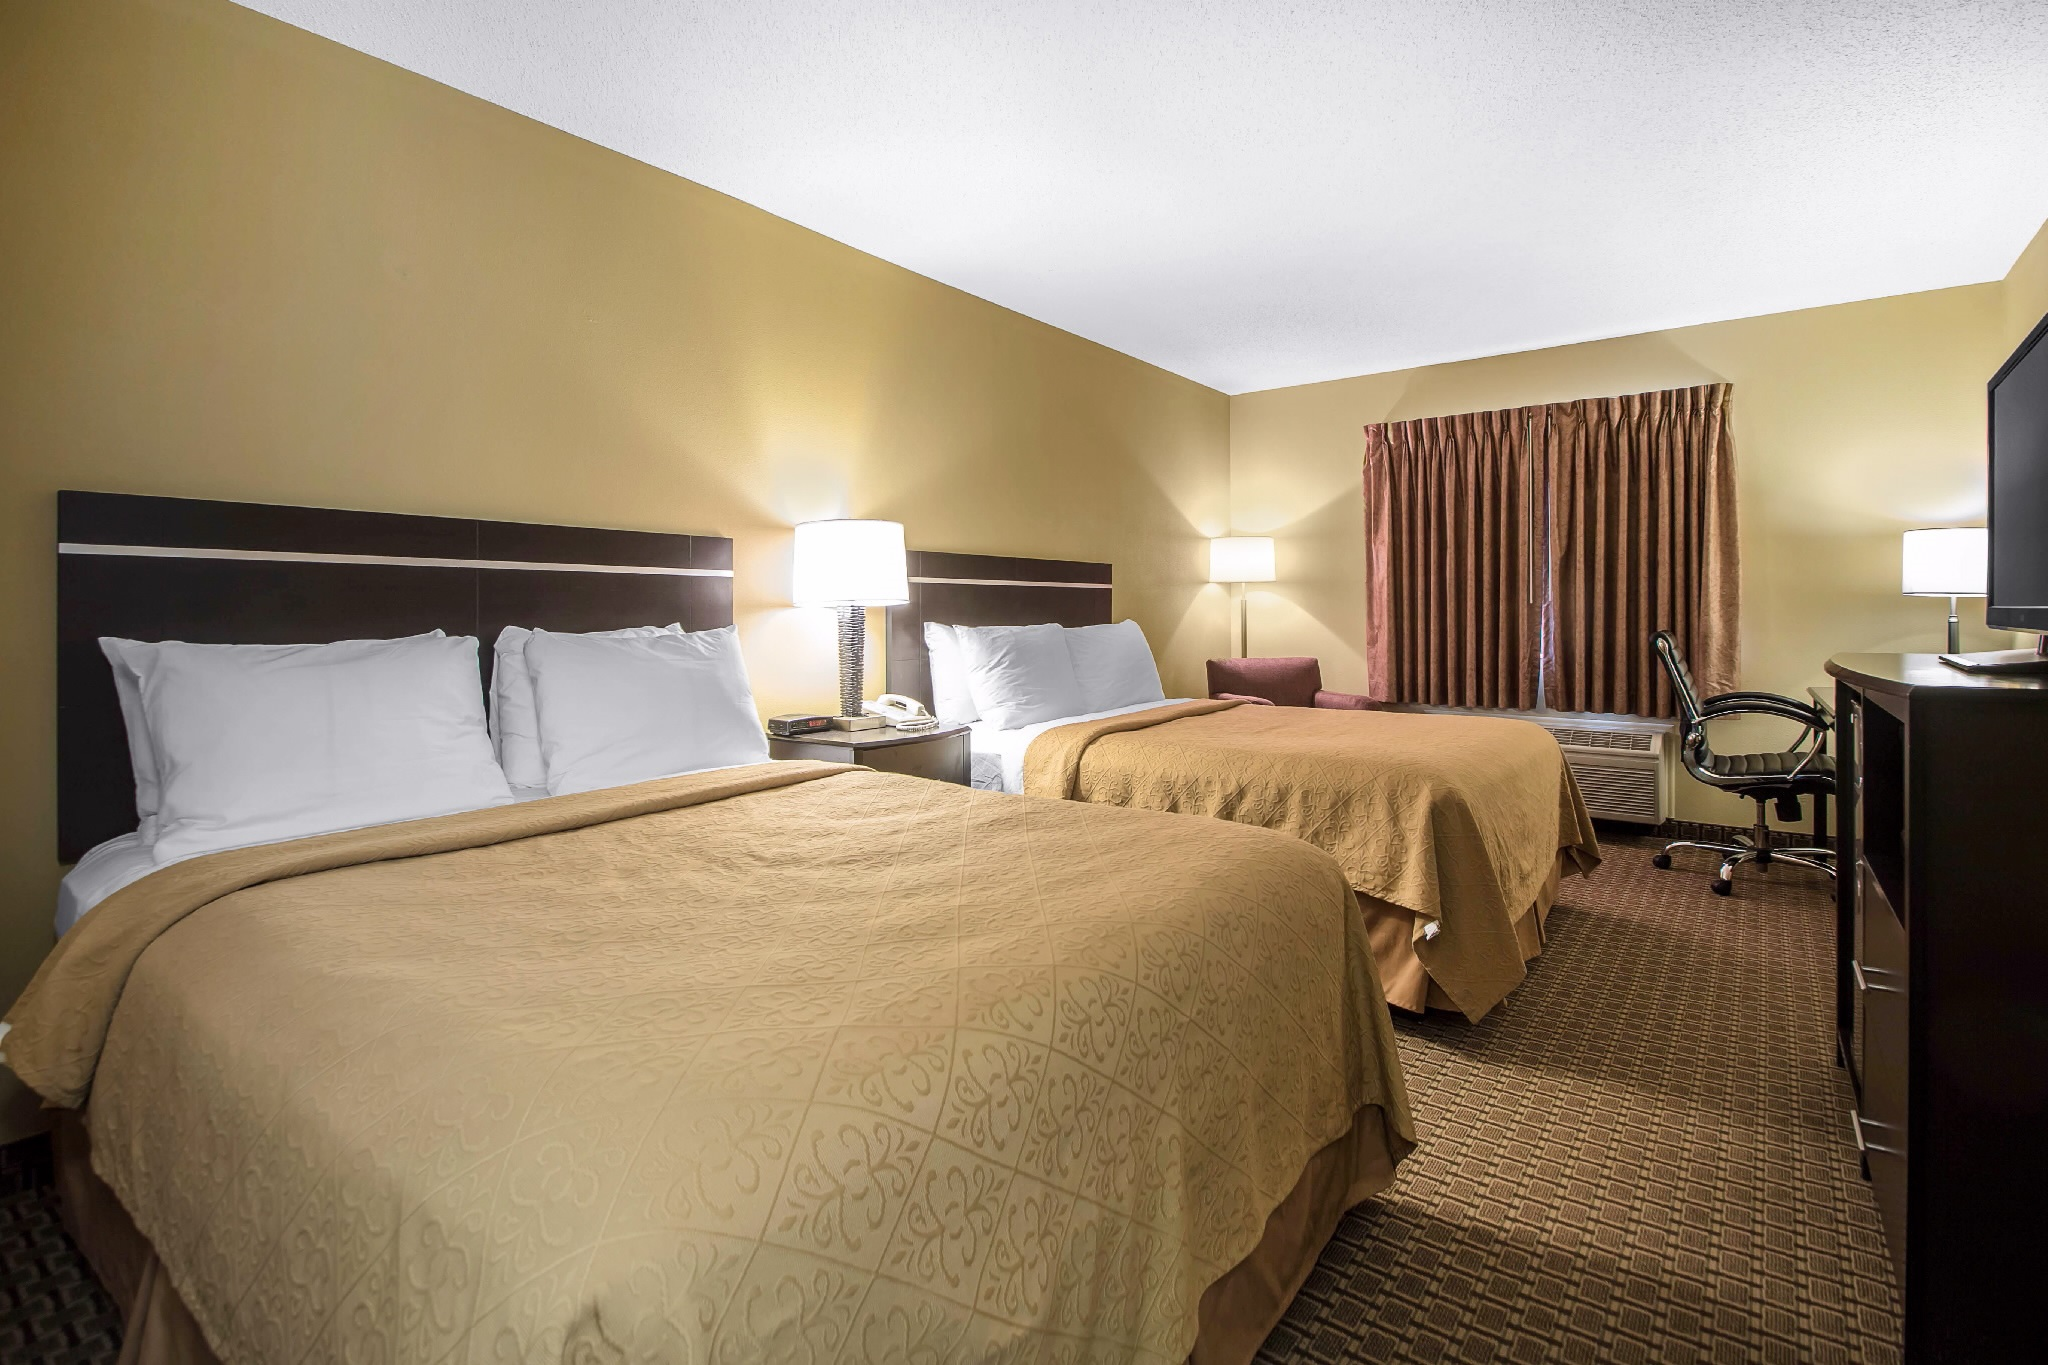 Quality Inn & Suites Sun Prairie Madison East, Sun Prairie WI